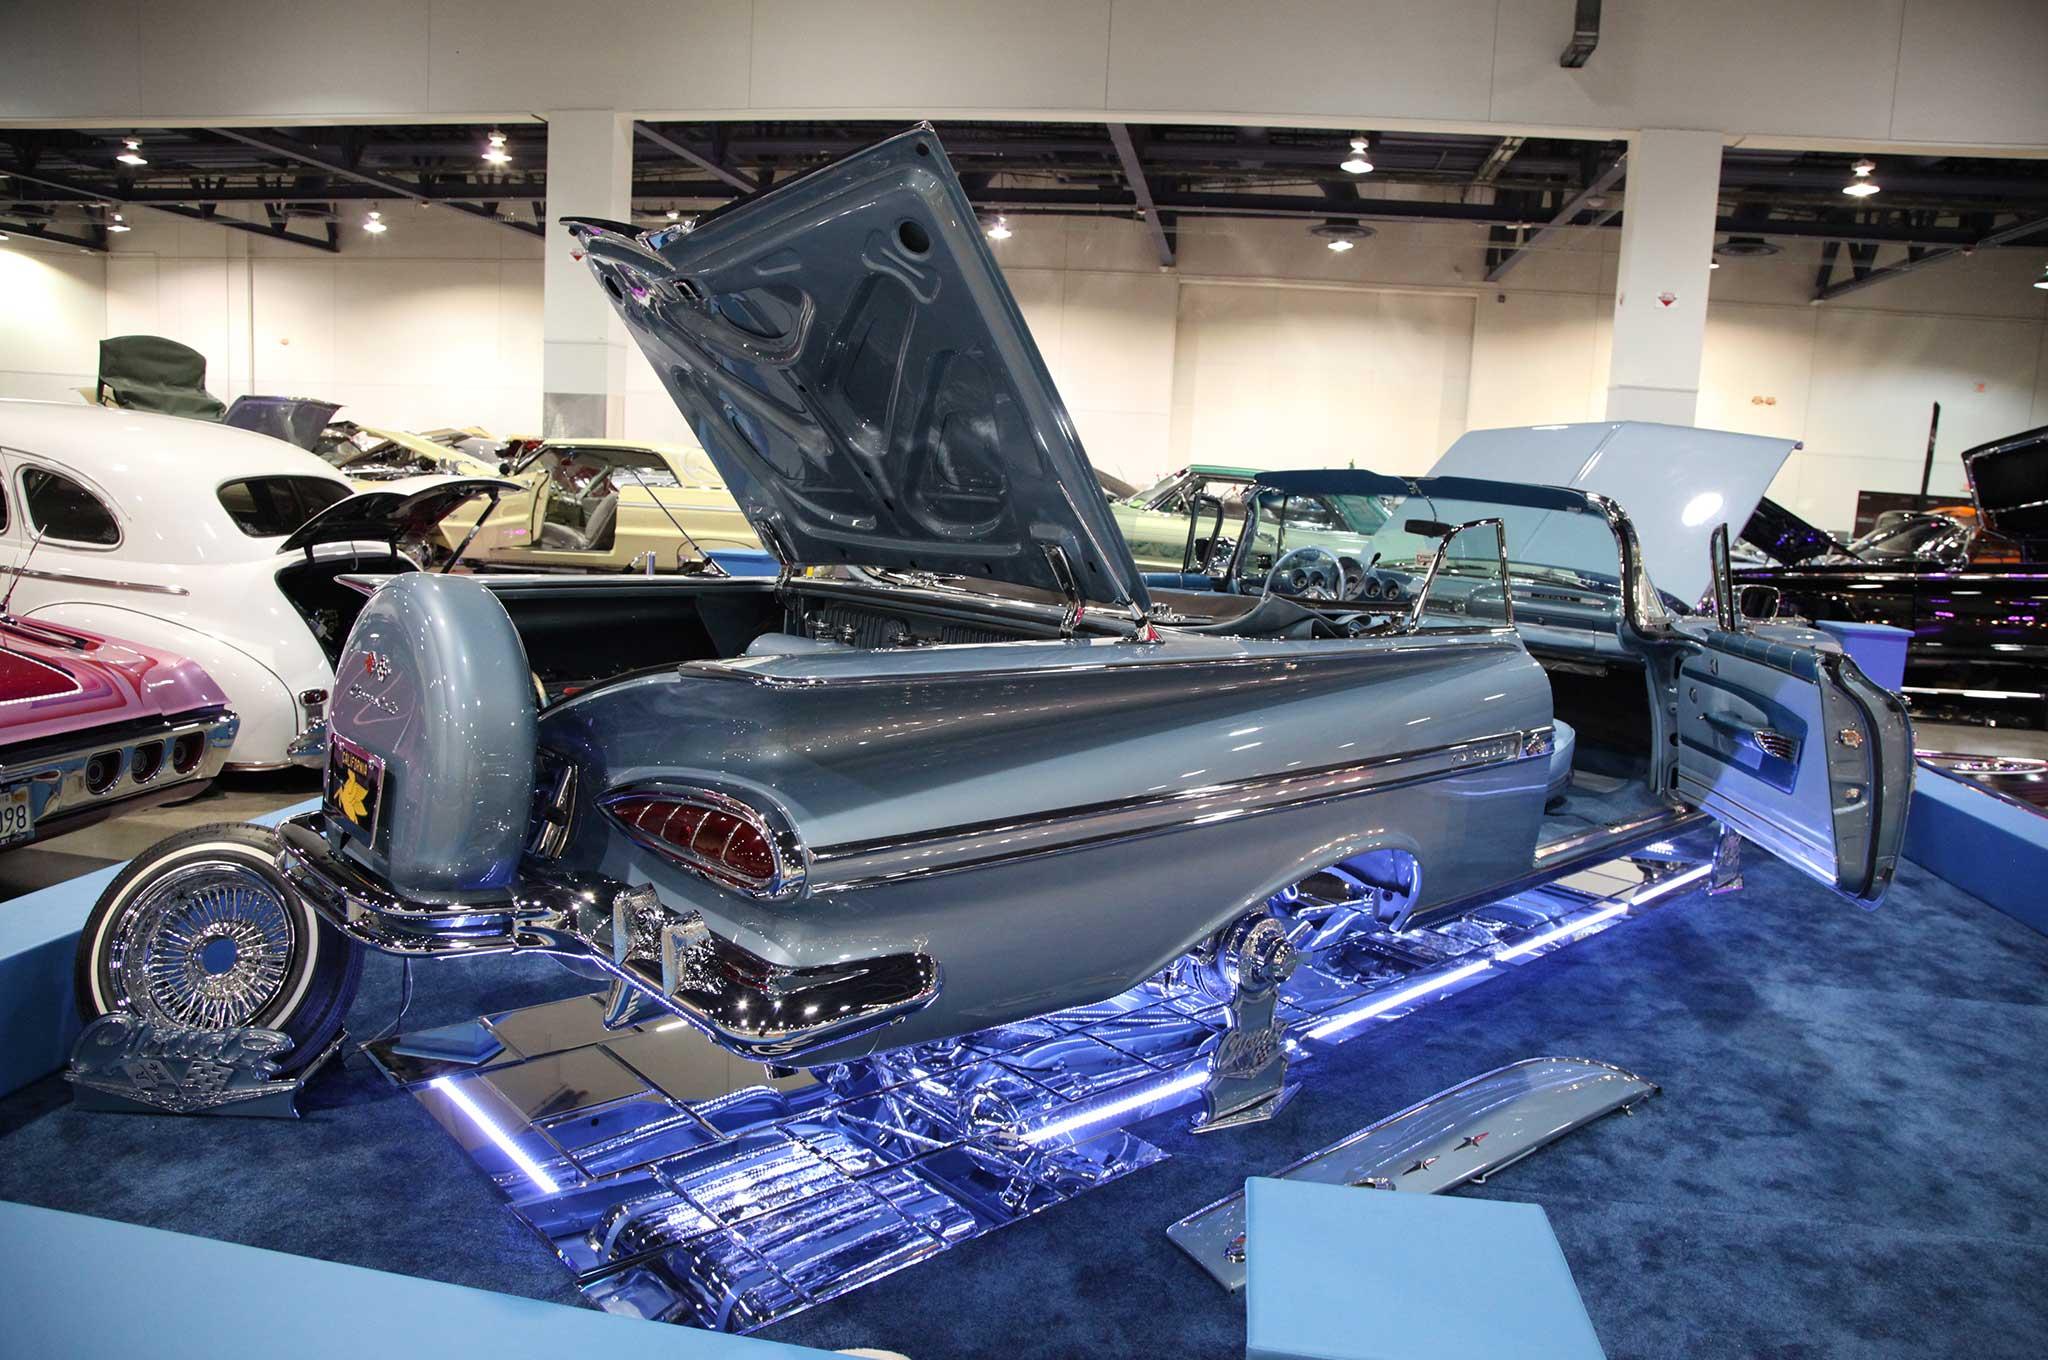 2015-las-vegas-super-show-winners-rudy-trevino-1959-chevy-impala